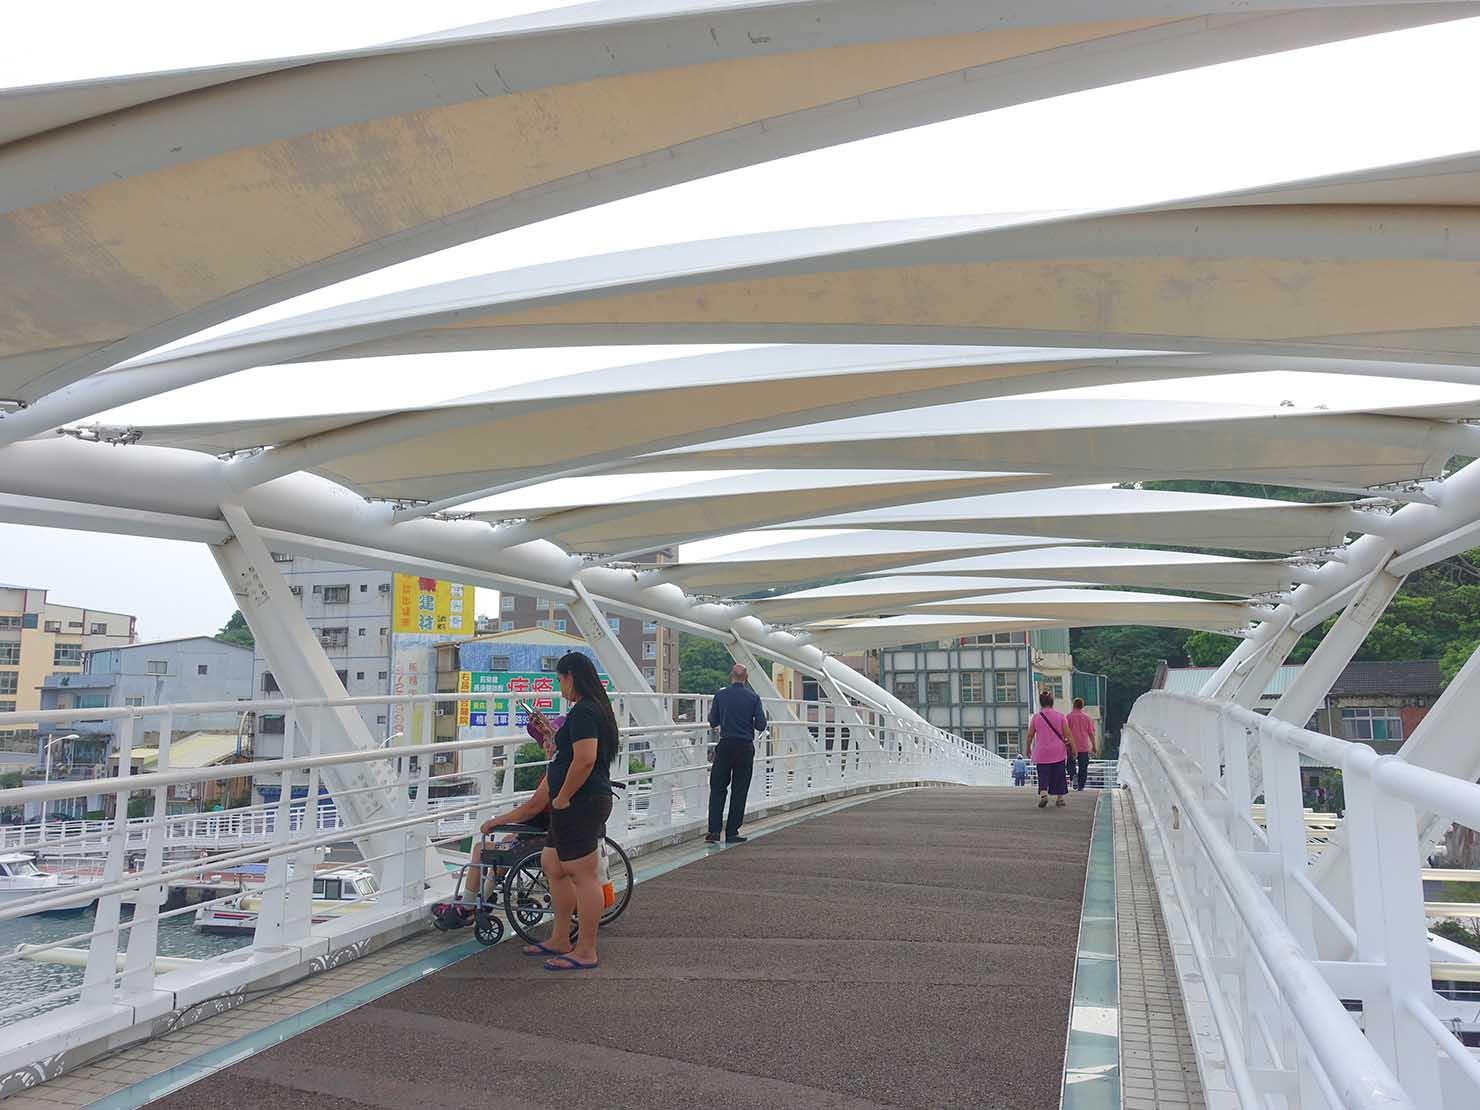 高雄・西子灣の鼓山輪渡站(旗津行きフェリー乗り場)横の白い橋の上